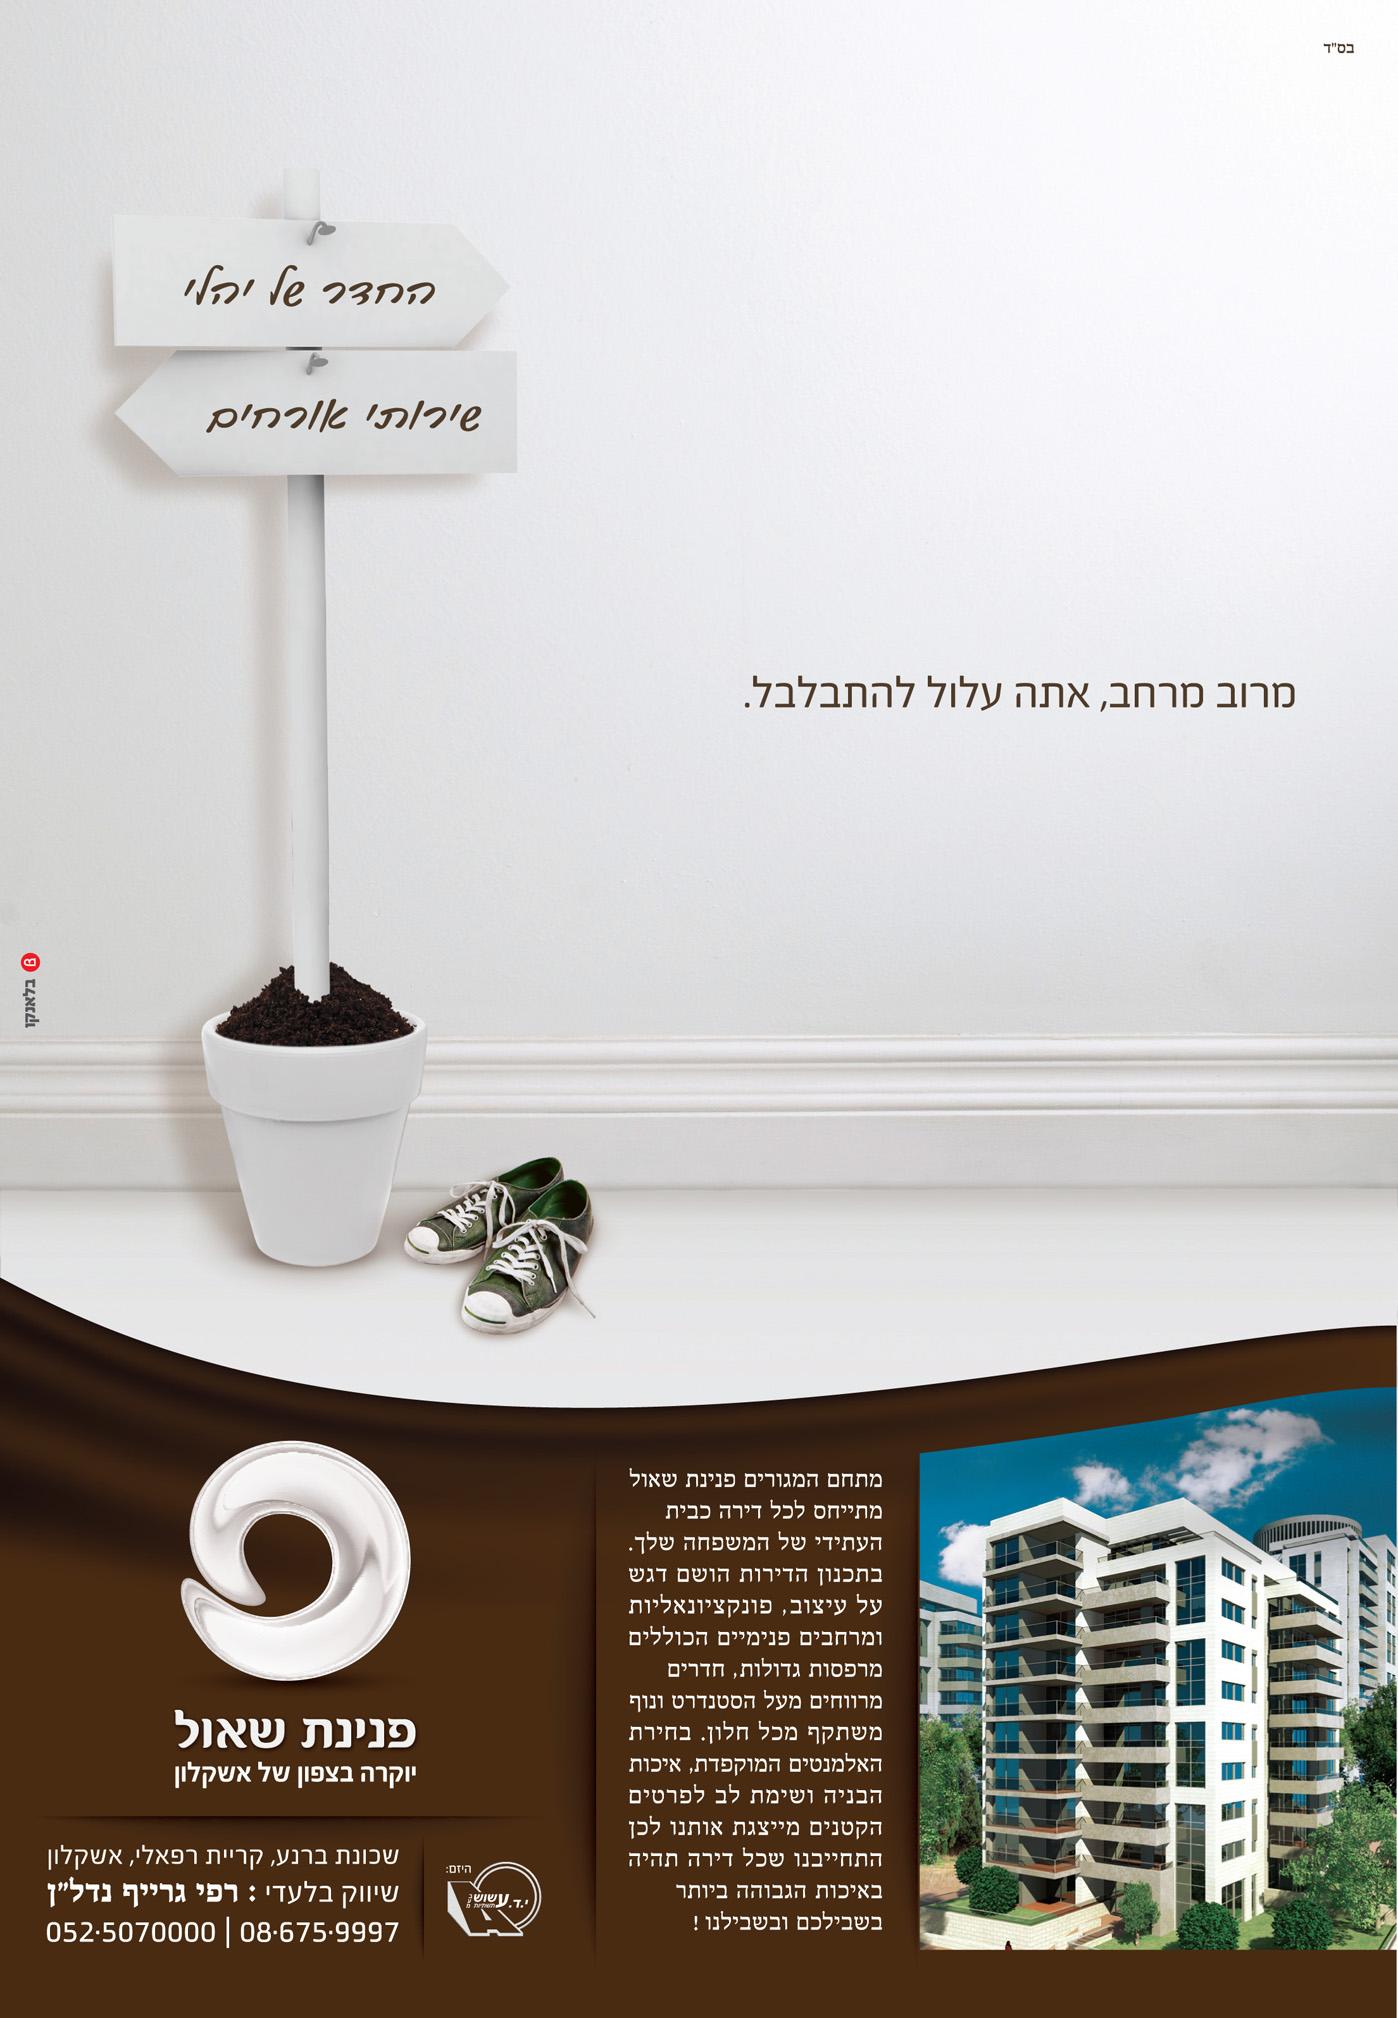 פרסום בלאנקו - פנינת שאול